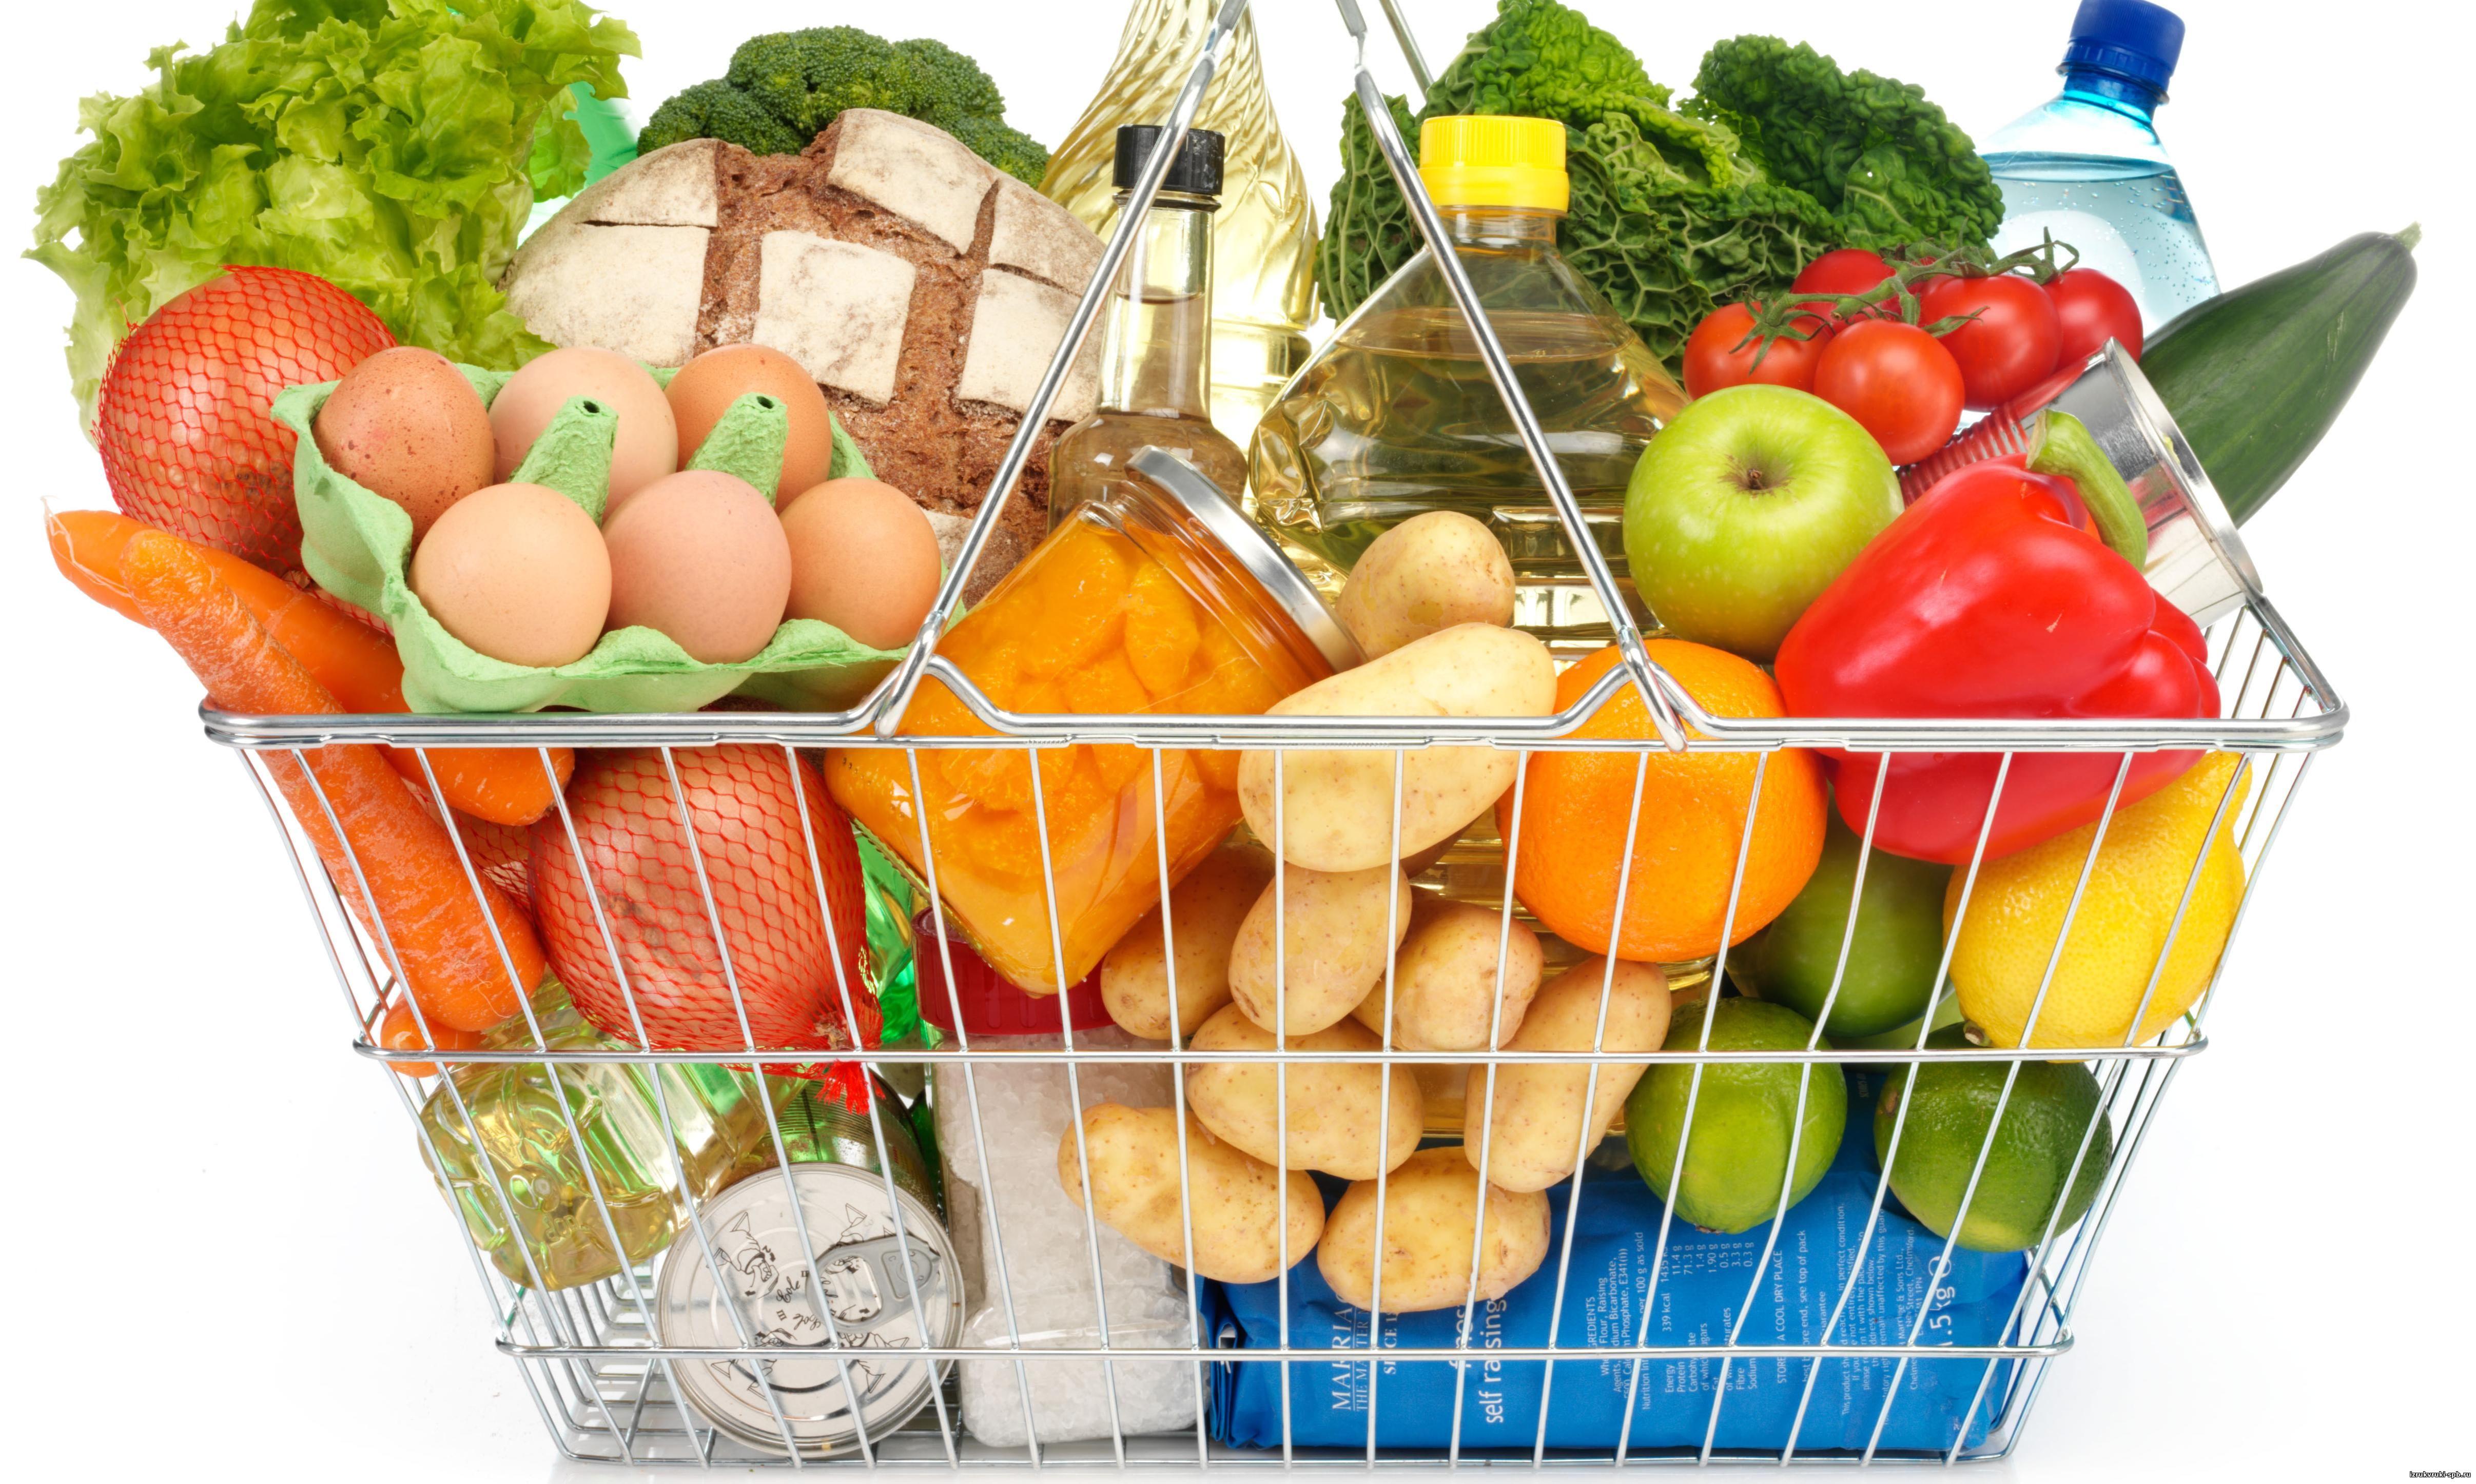 Доска объявлений фрукты овощи москва, санкт-петербург подать объявление в автоби